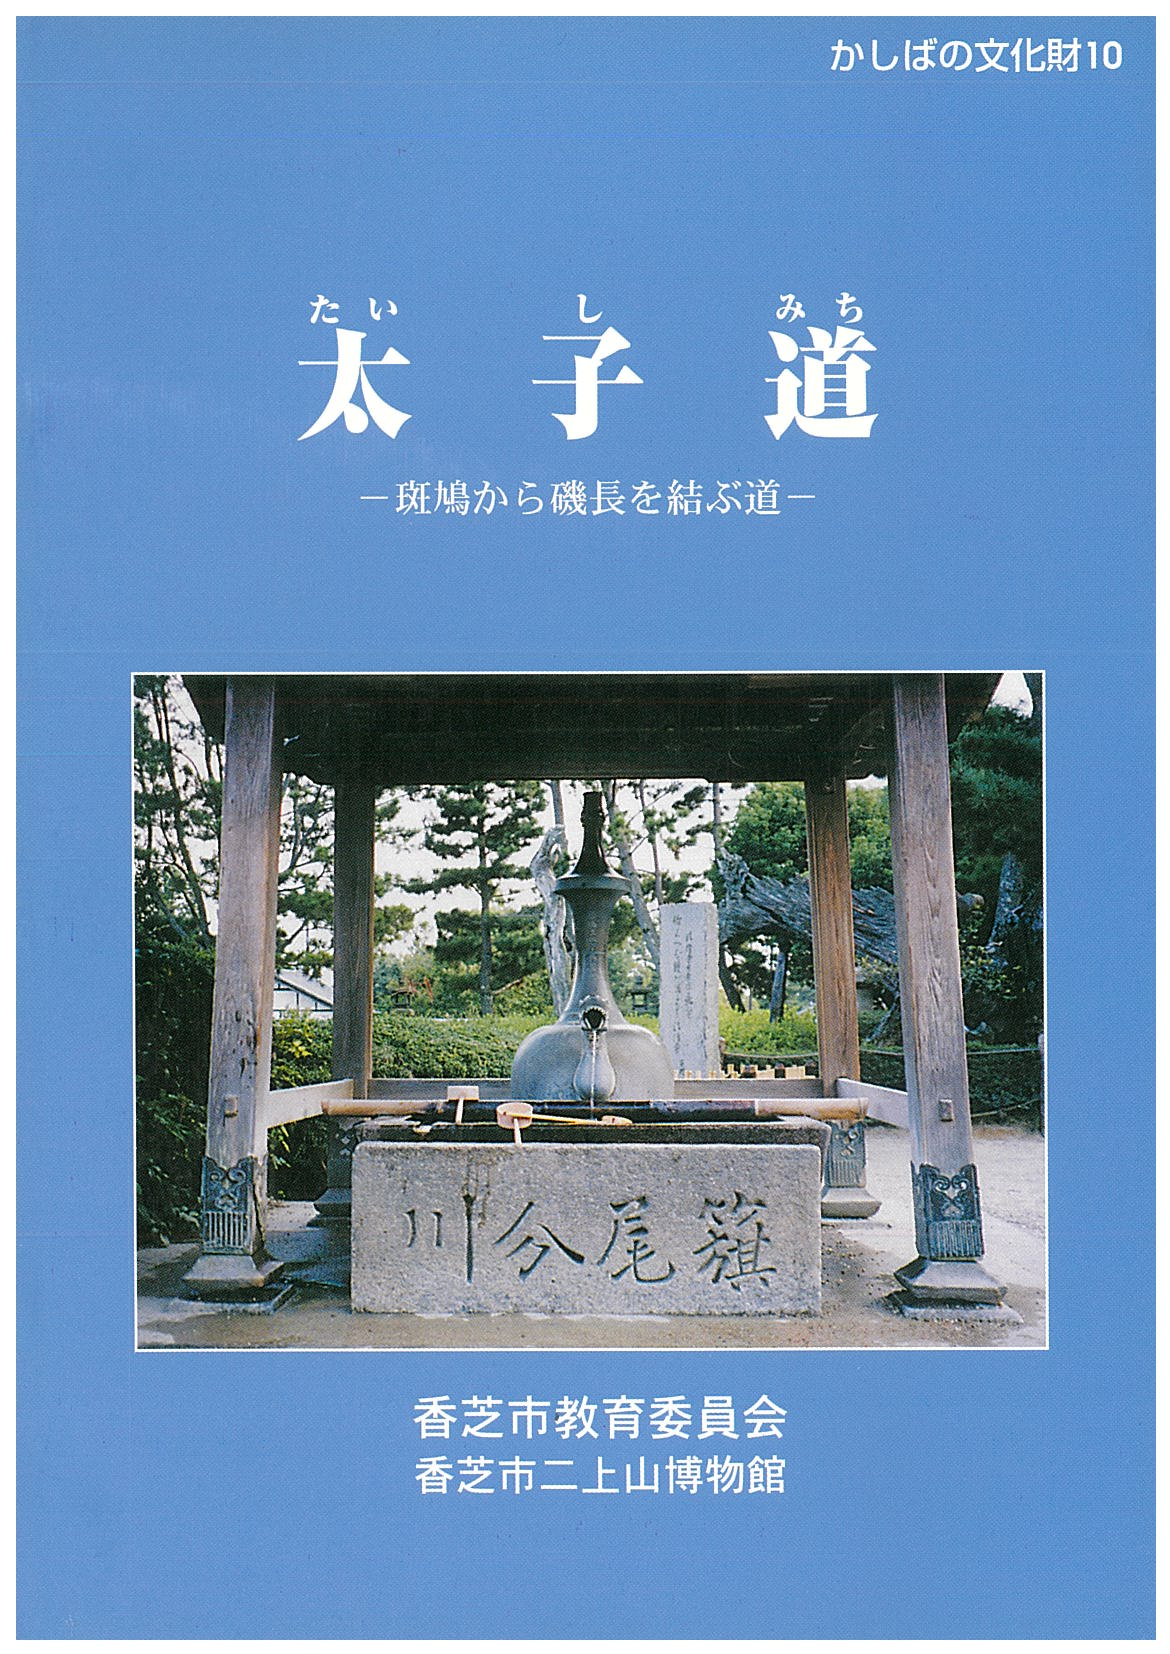 委員 会 ホームページ 市 教育 香芝